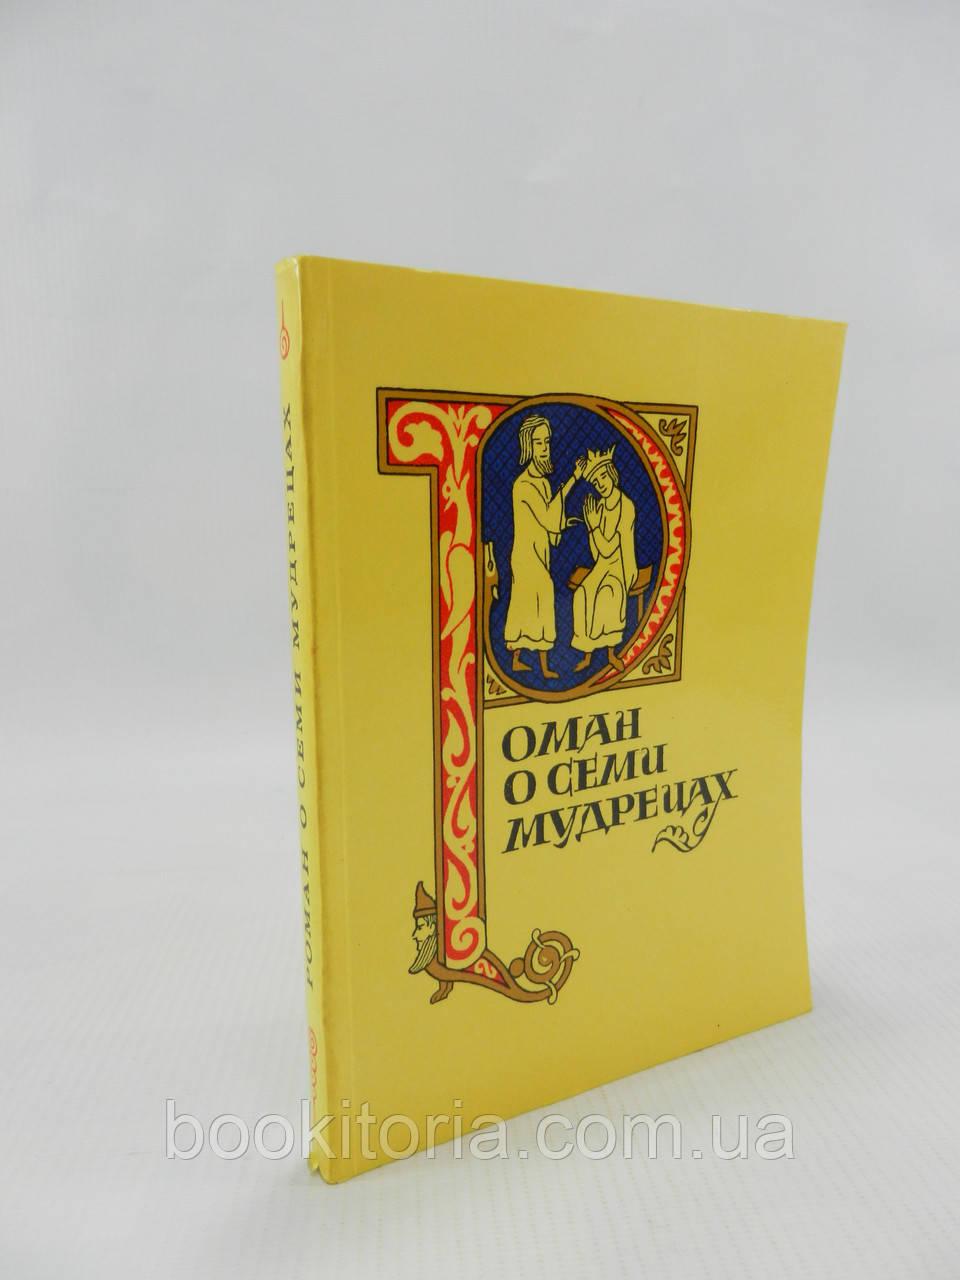 Роман о семи мудрецах (б/у).